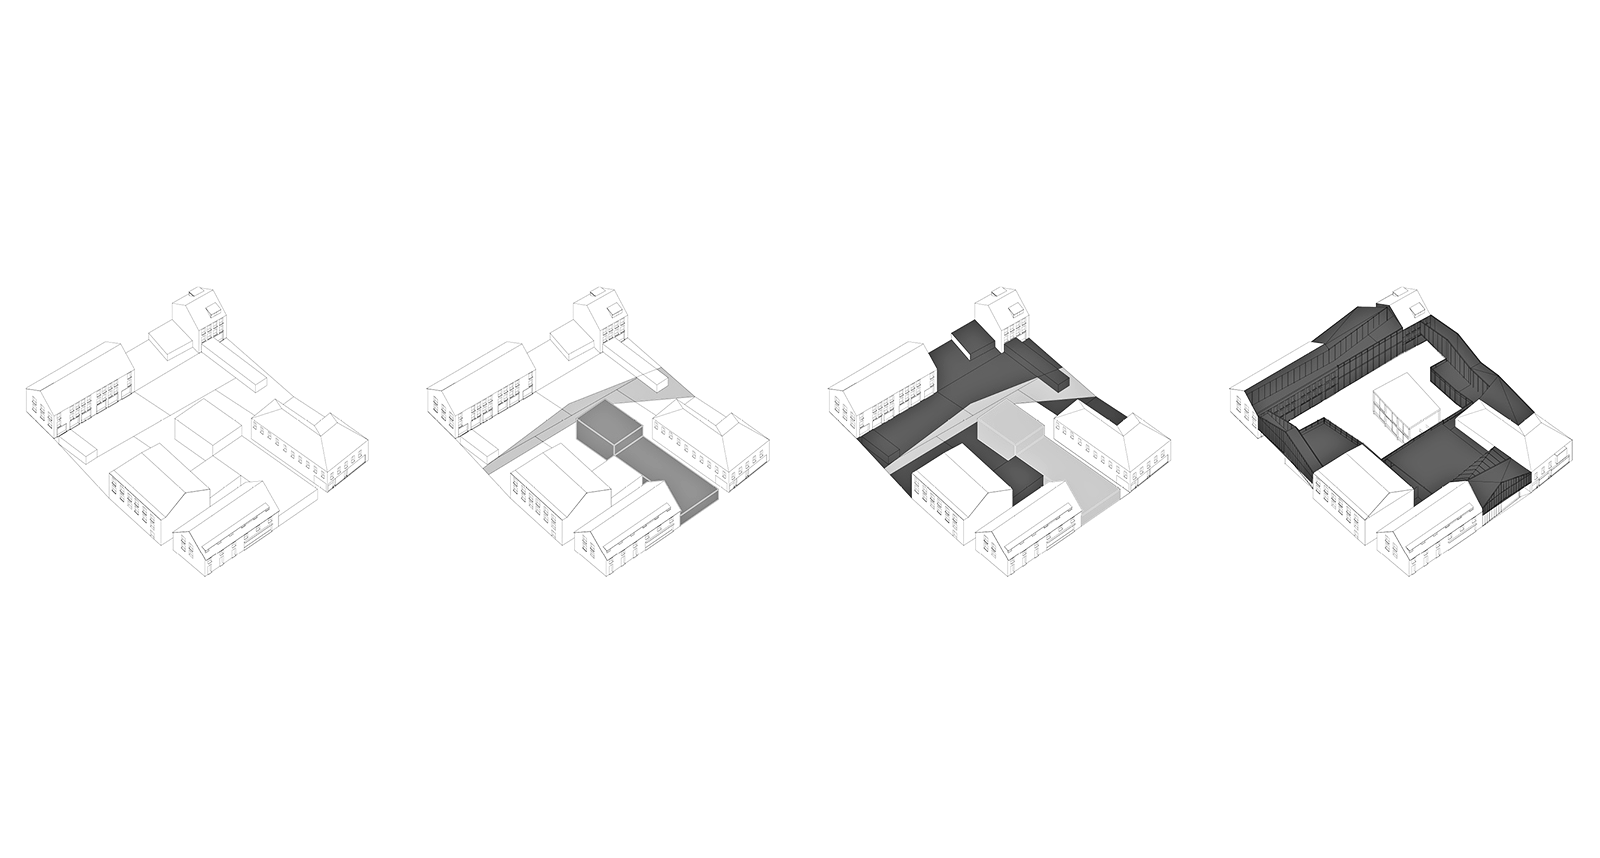 europan-13-selb–courtyards-concept